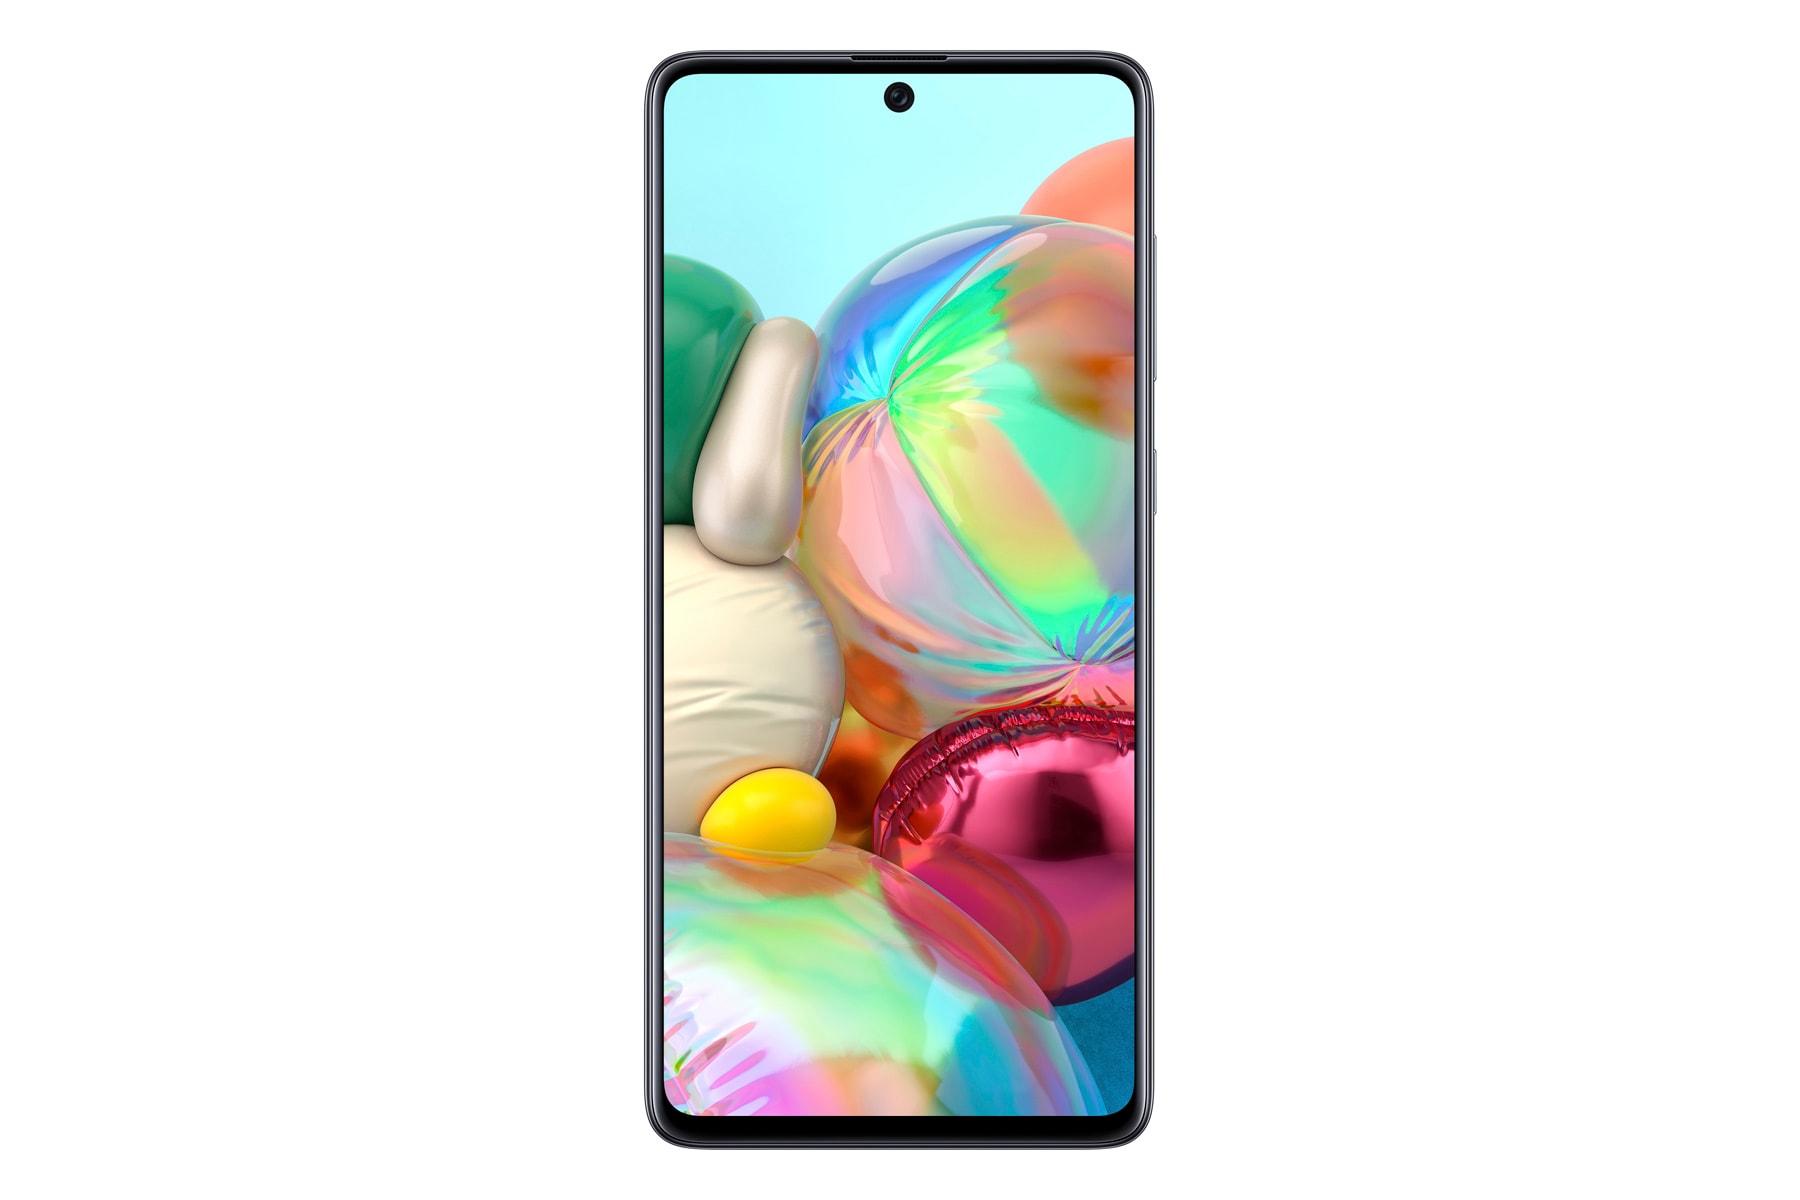 OFFERTA Samsung Galaxy A71 a 299 euro da Esselunga